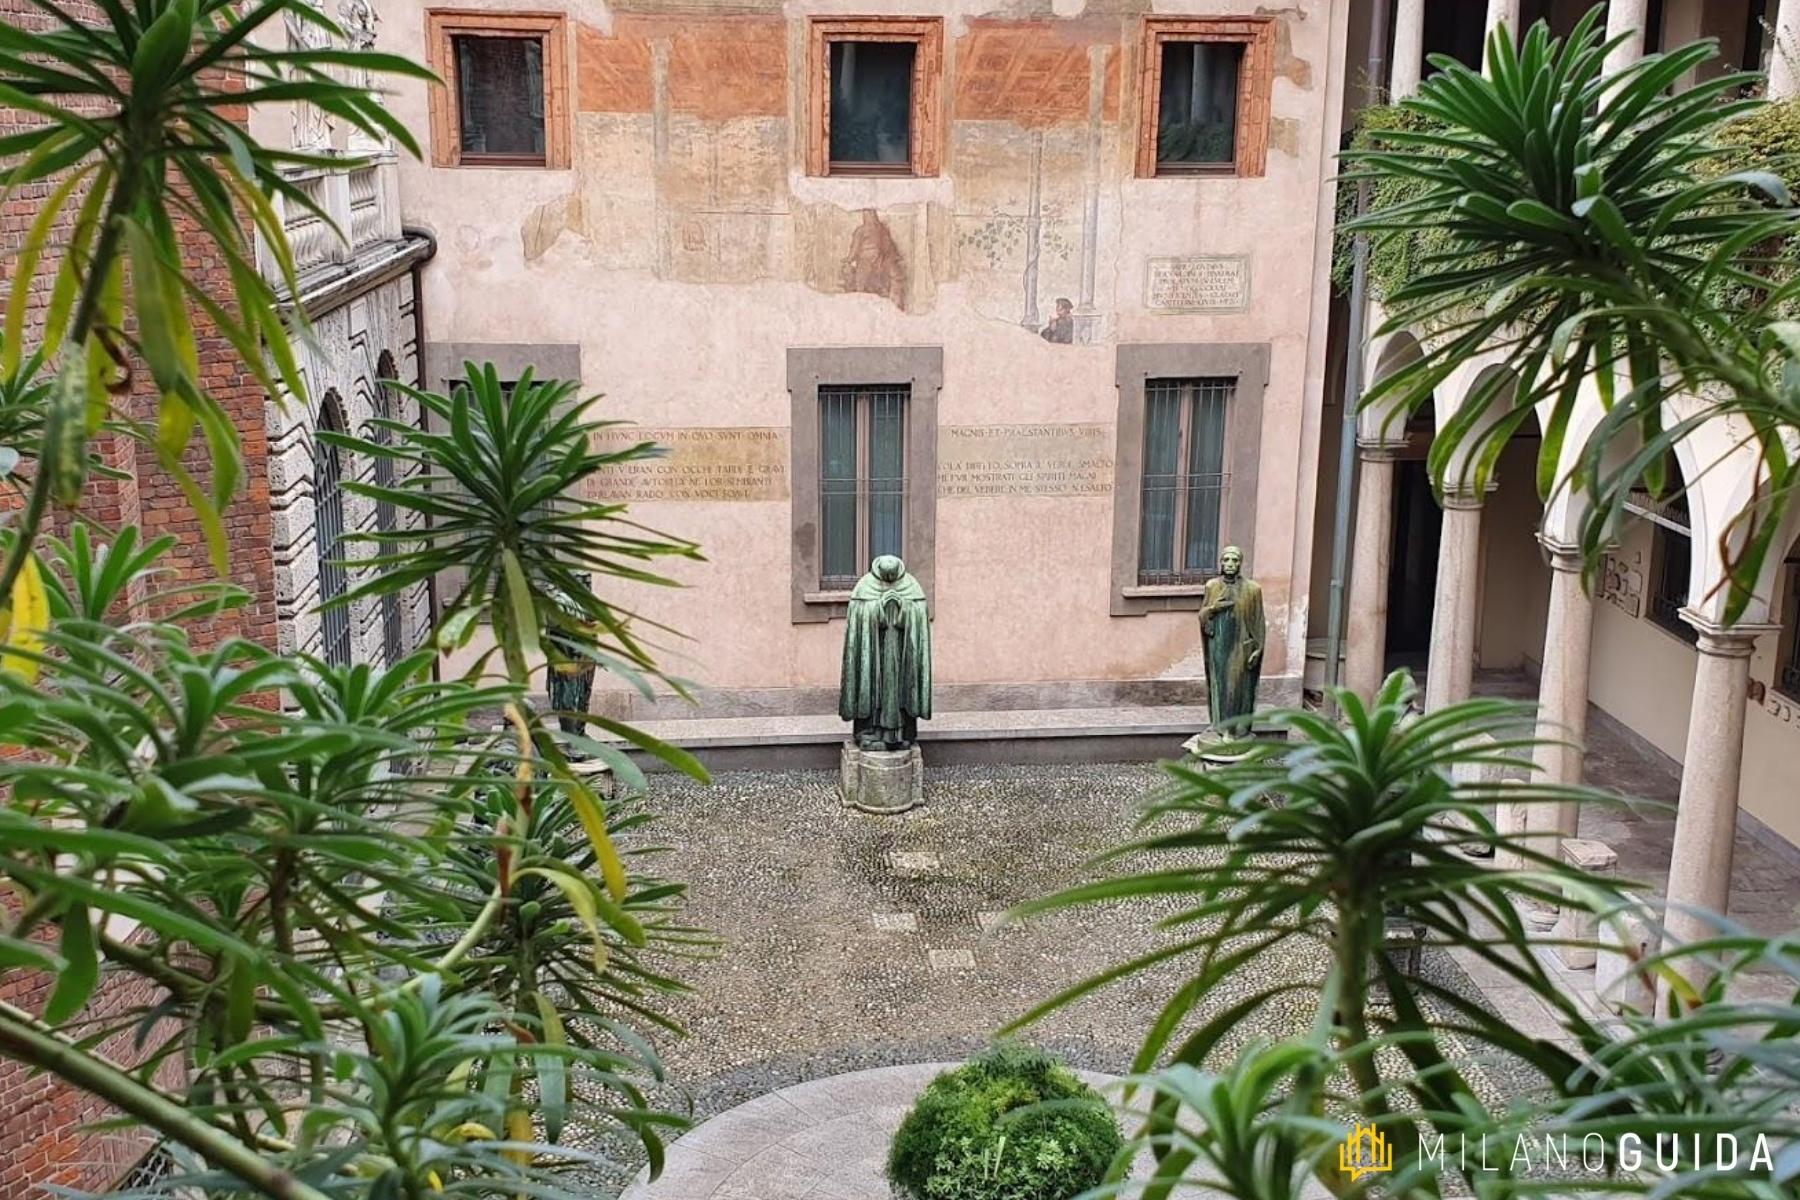 Visita guidata Pinacoteca Ambrosiana Bambini